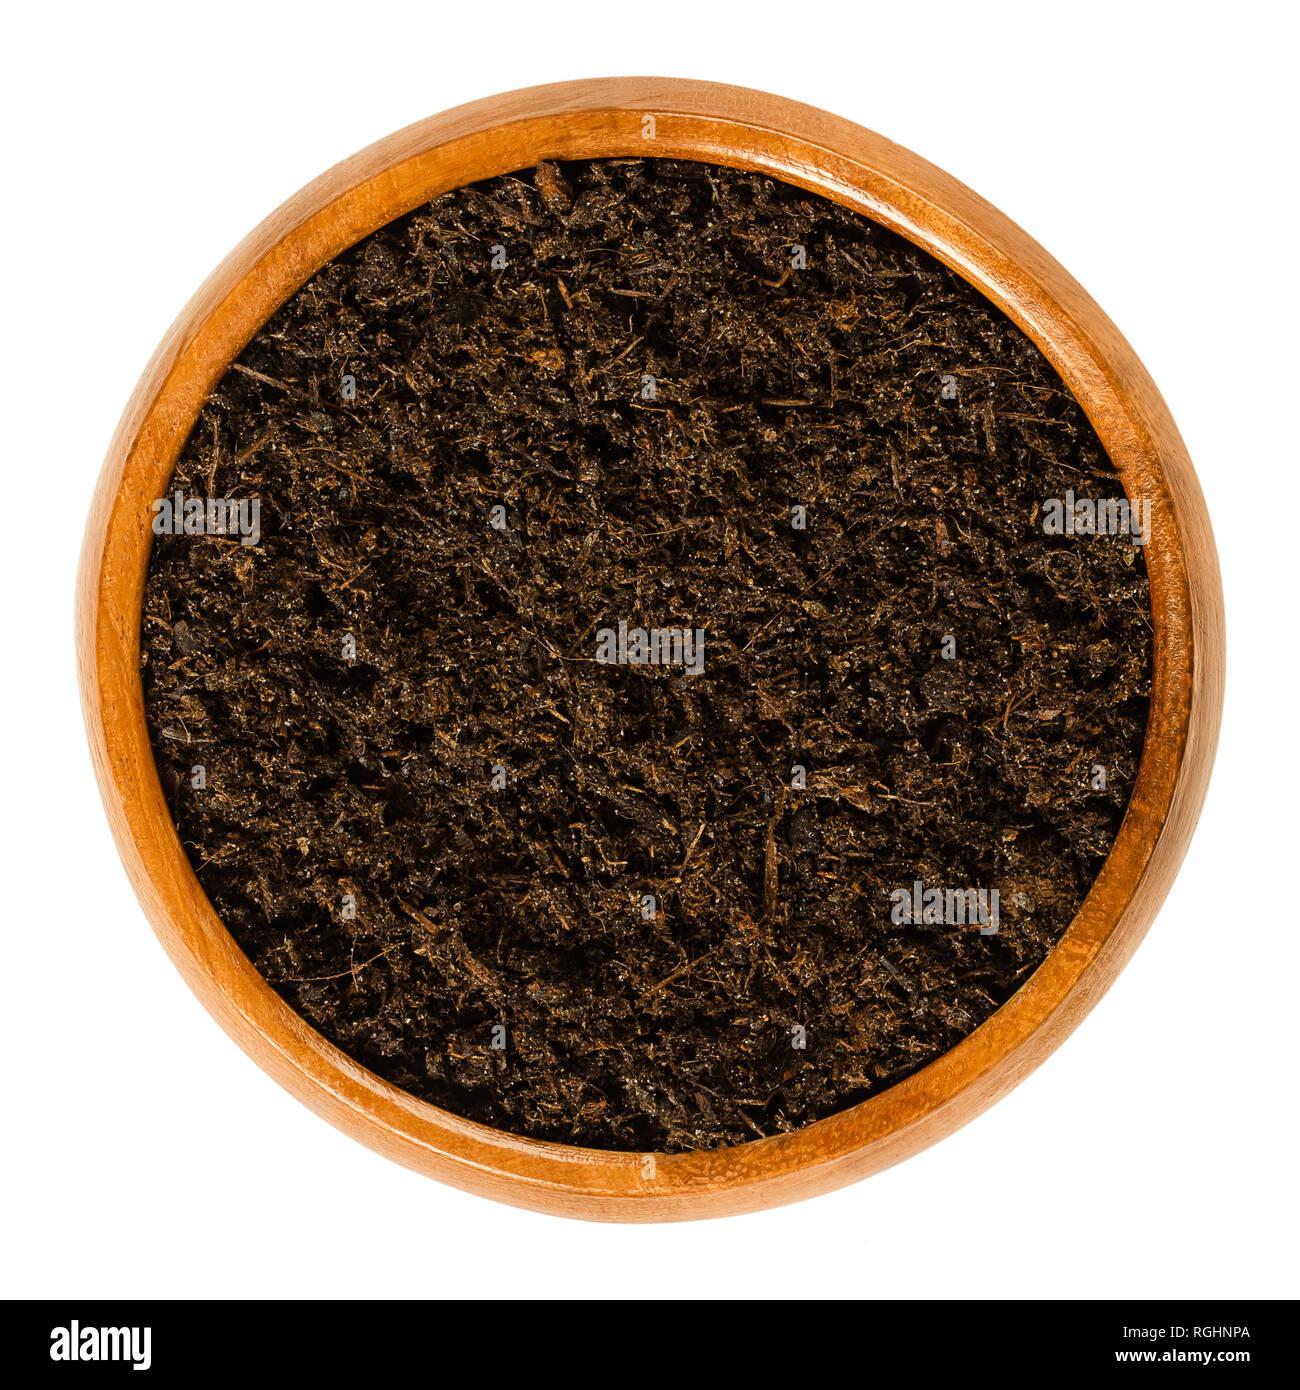 Blumenerde mit Torf in Houten. Topfen mischen oder Kompost mit den meisten, gängigen Zutaten Torf, Rinde, Sand und Perlite. Stockfoto